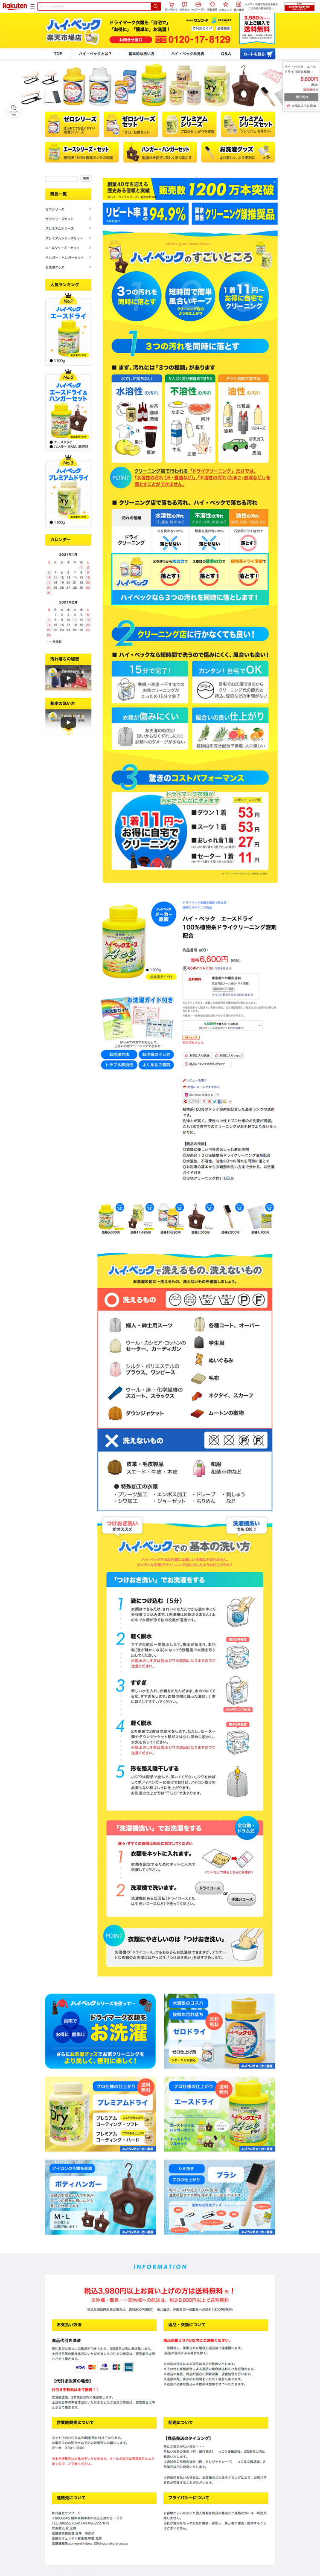 ハイ・ベック 楽天公式サイト